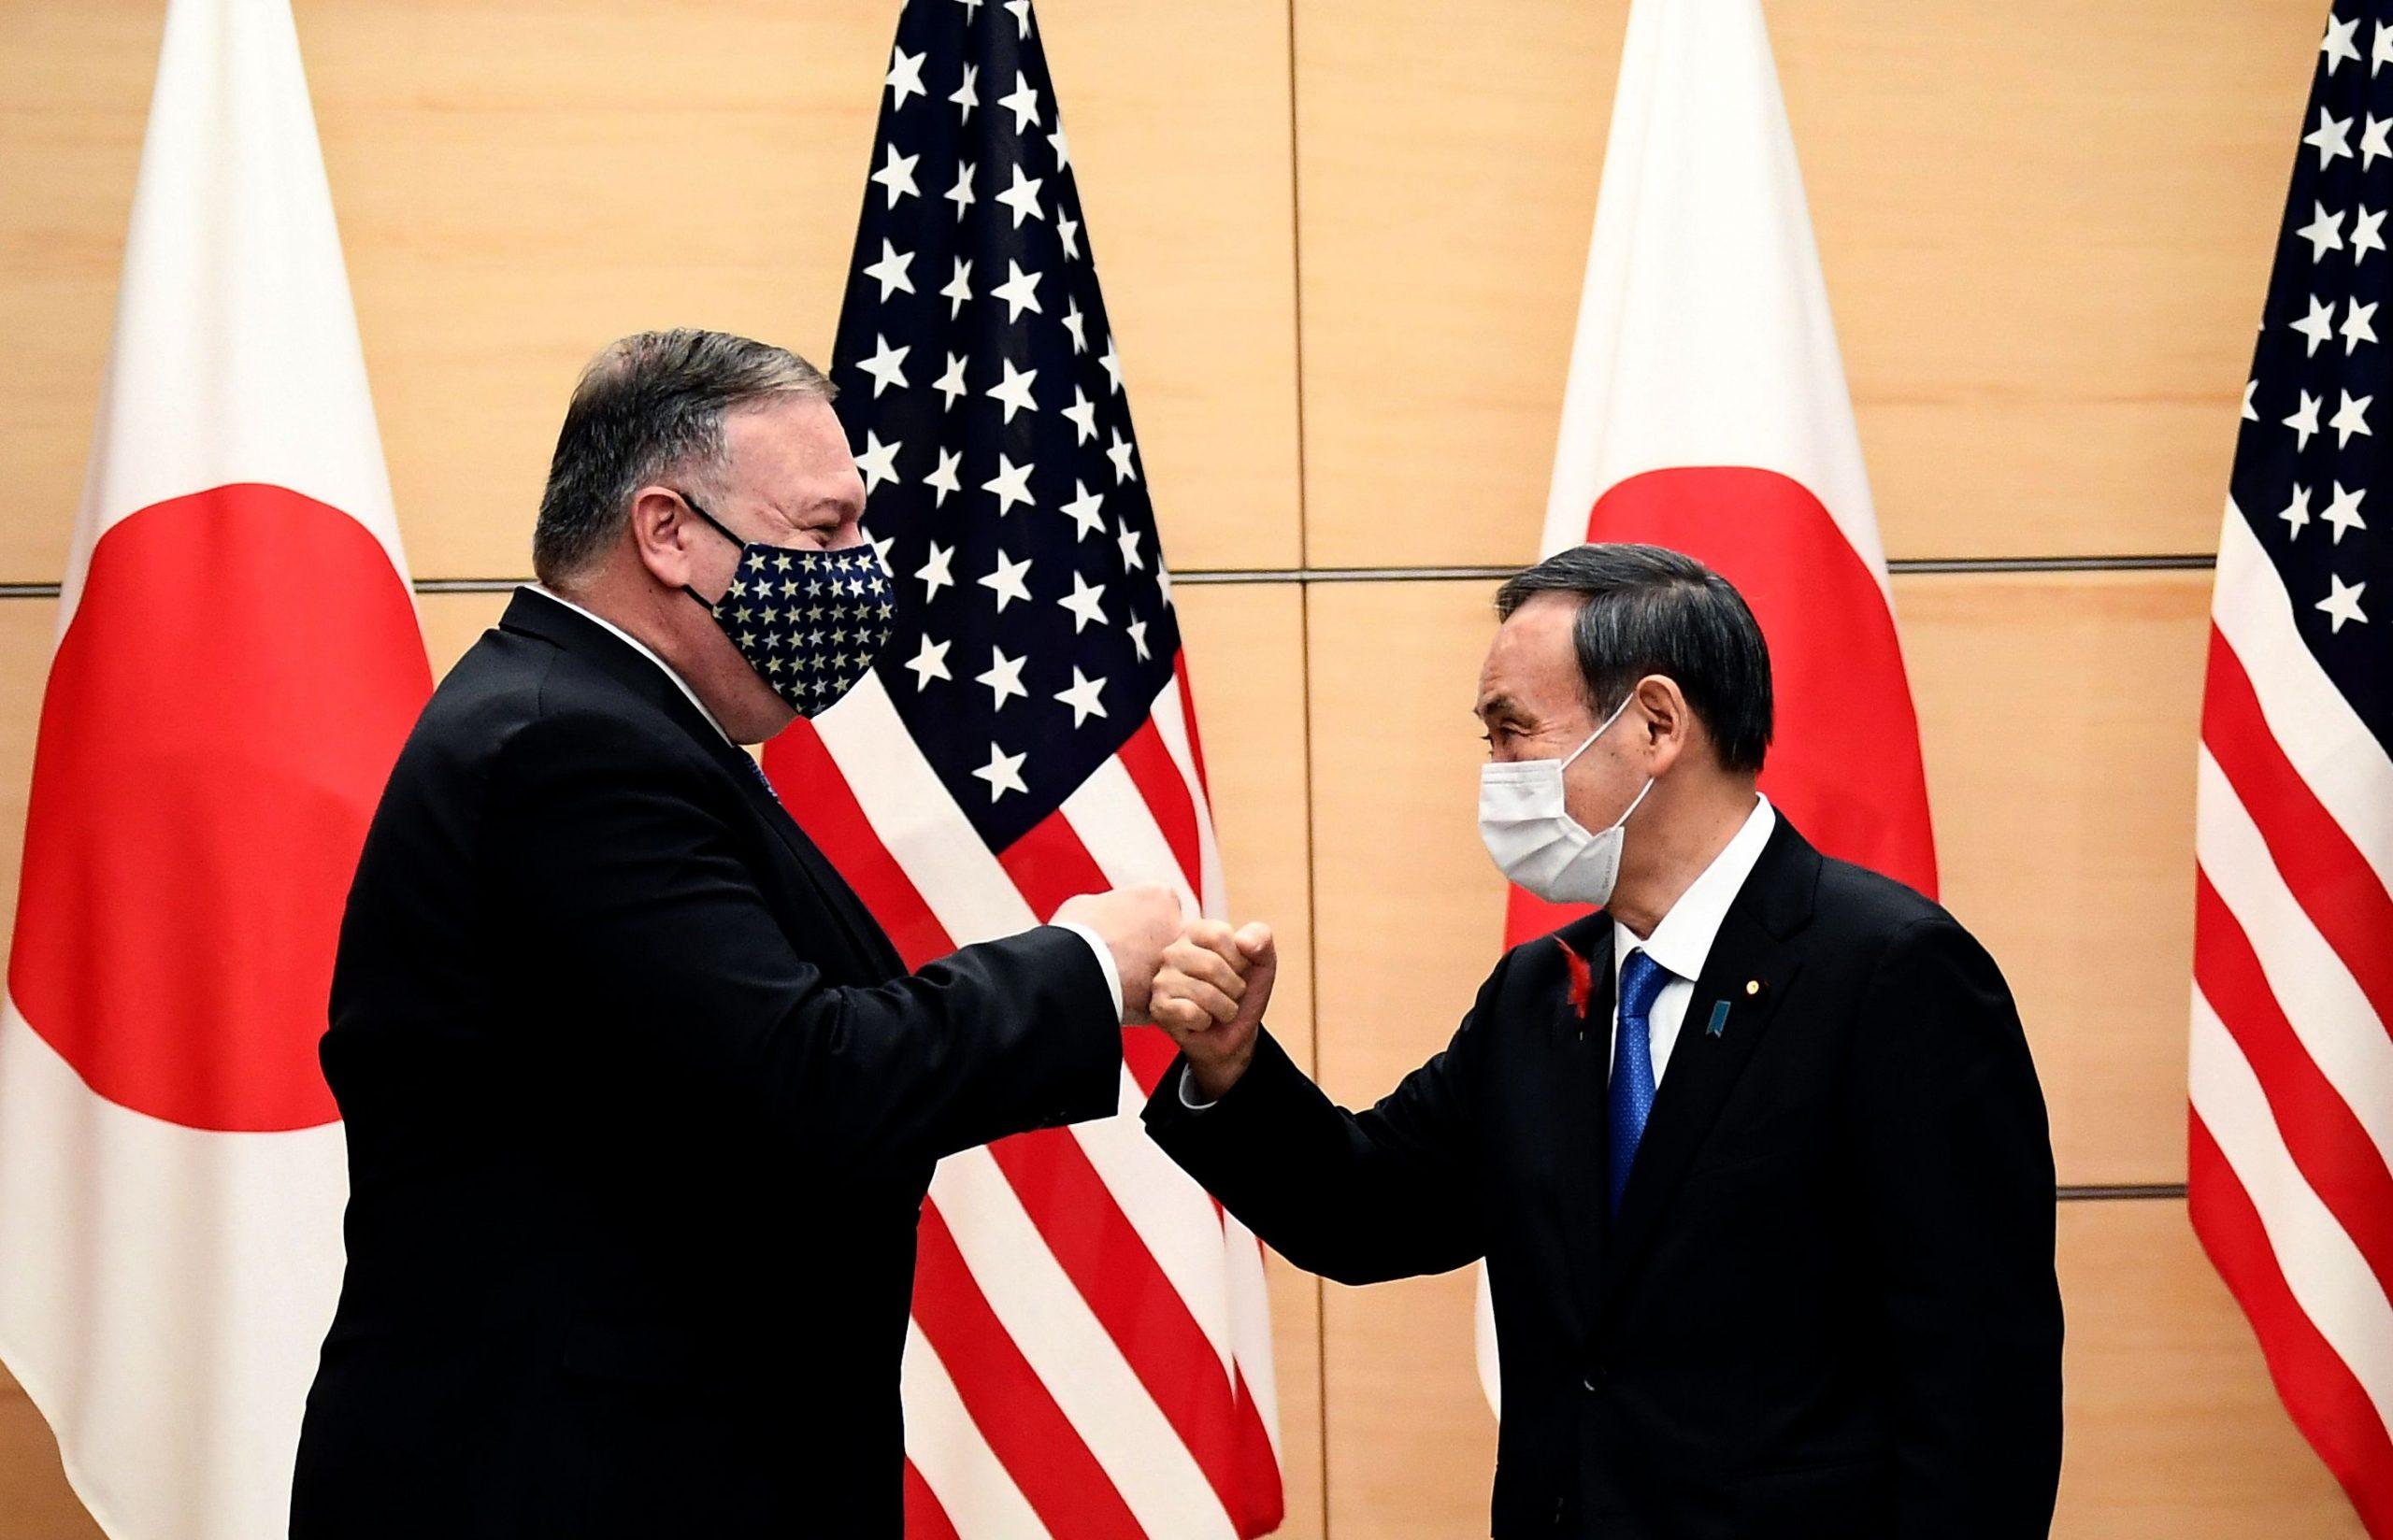 Le secrétaire d'État américain Mike Pompeo avec le Premier ministre japonais Yoshihide Suga, le 6 octobre 2020 à Tokyo, en marge d'une réunion du Quad (États-Unis, Inde, Japon et Australie). (Source : Arabnews)